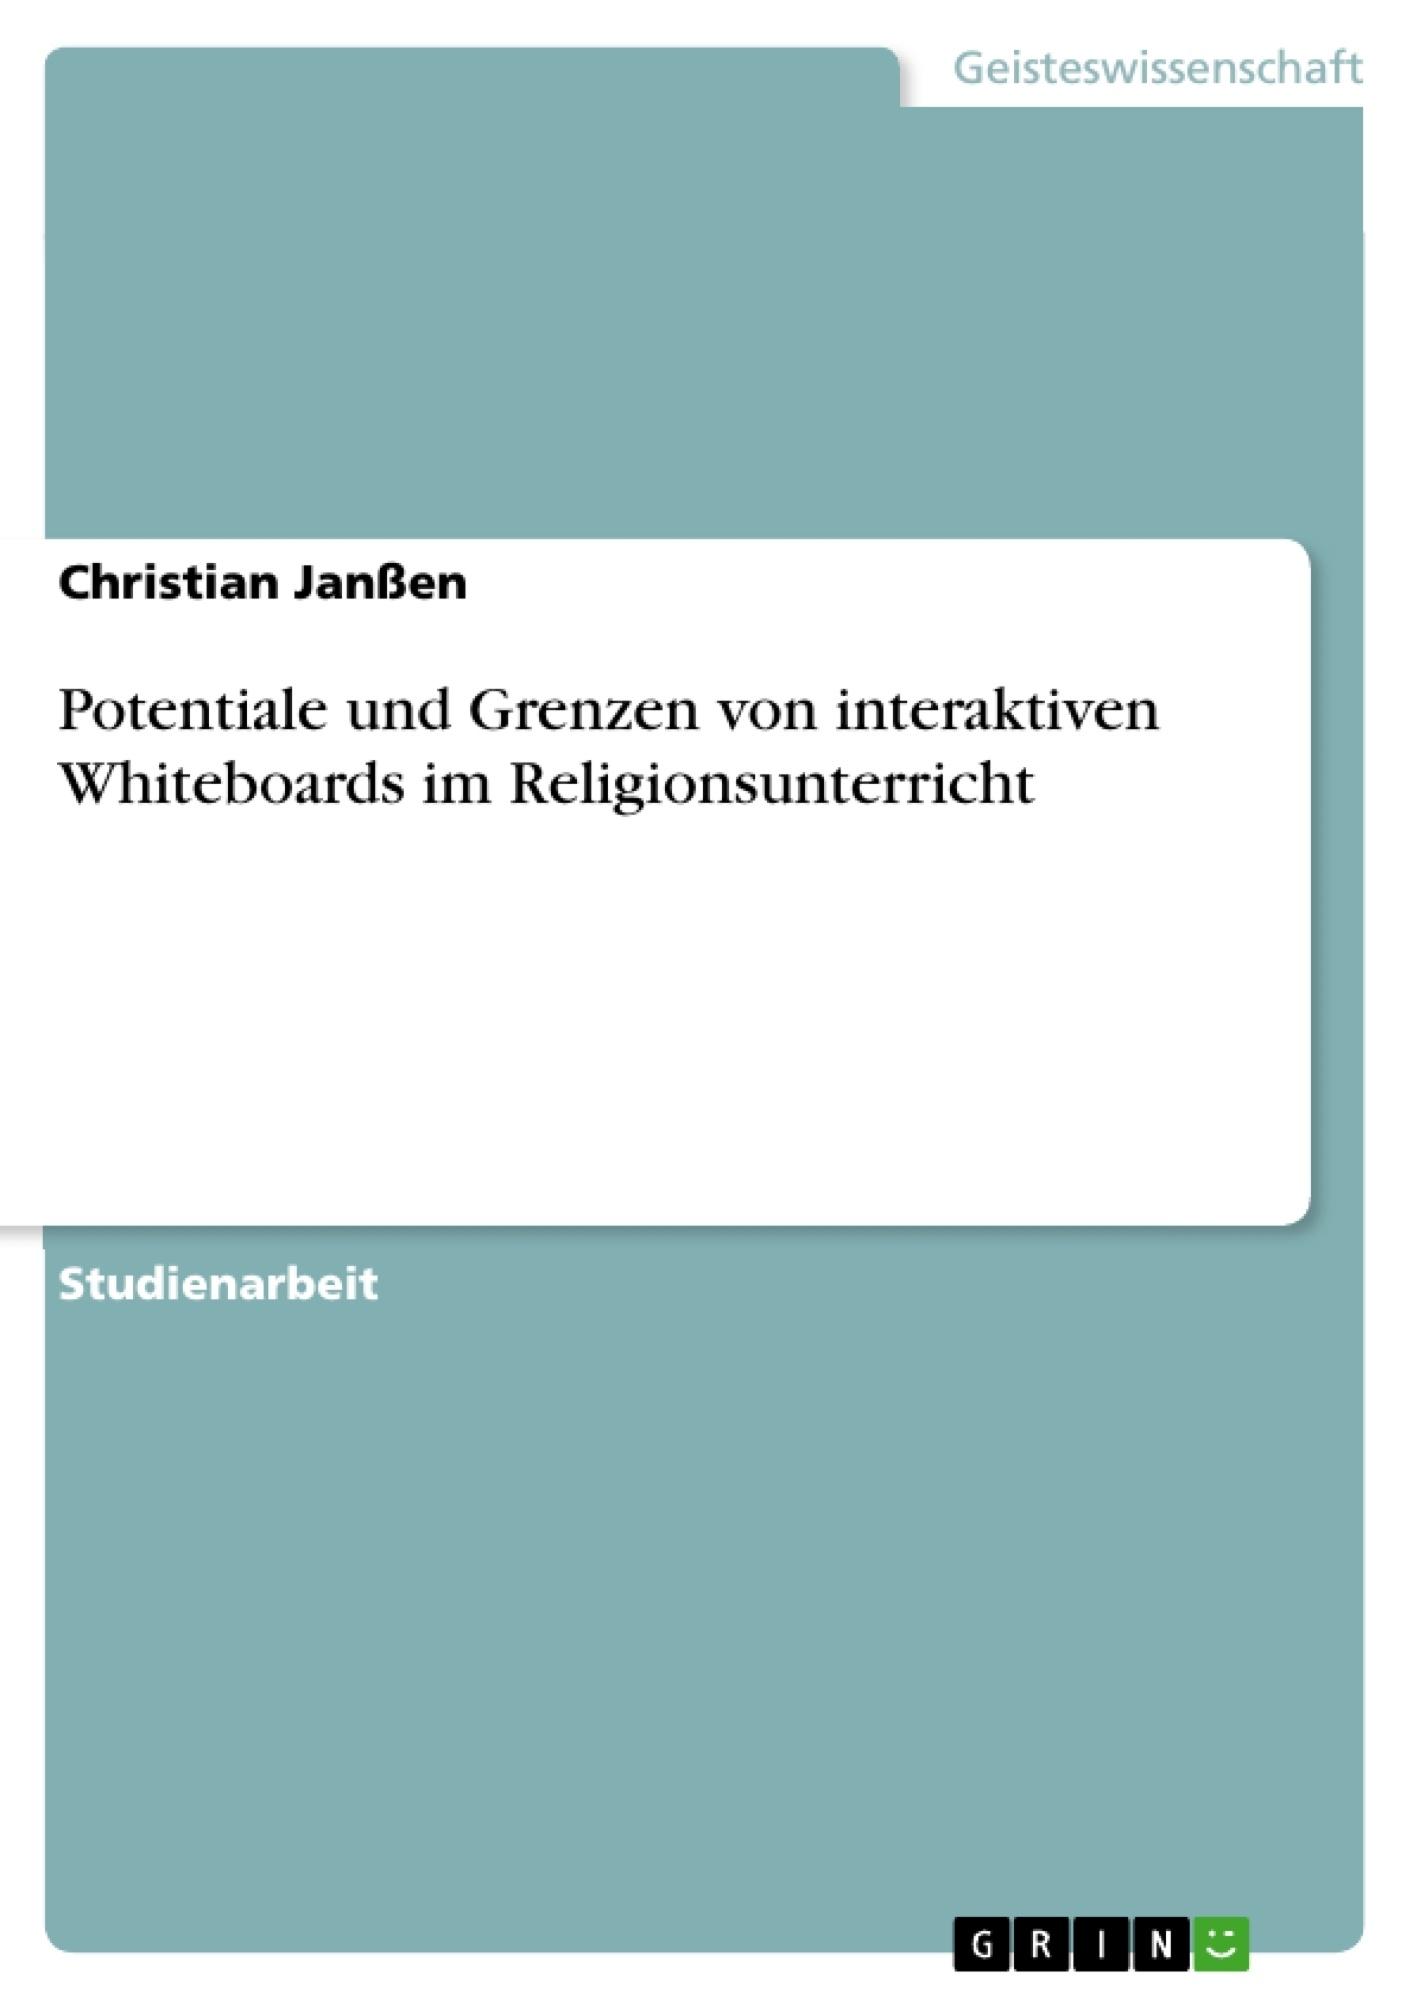 Titel: Potentiale und Grenzen von interaktiven Whiteboards  im Religionsunterricht